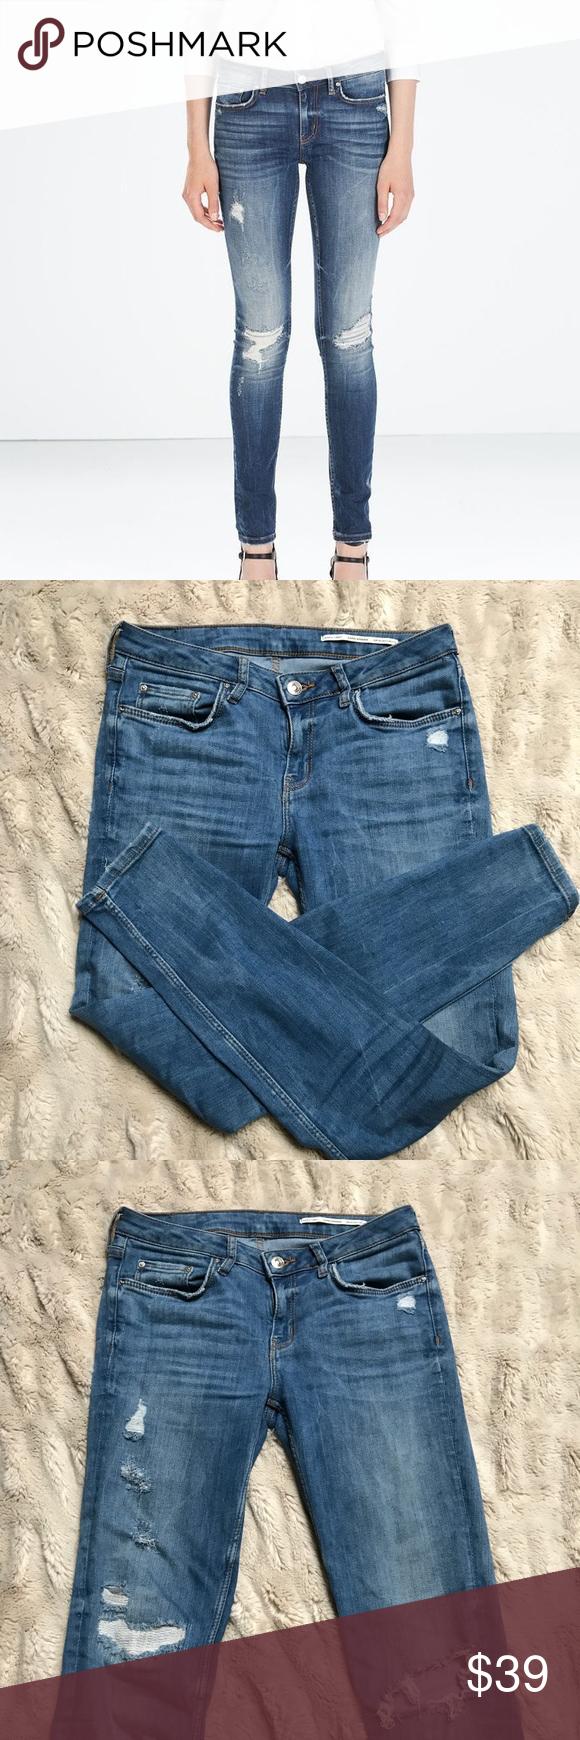 f7151ecb431 ZARA Premium Denim Distressed Skinny Jeans ZARA Premium Denim distressed  skinny jeans. Pre-loved